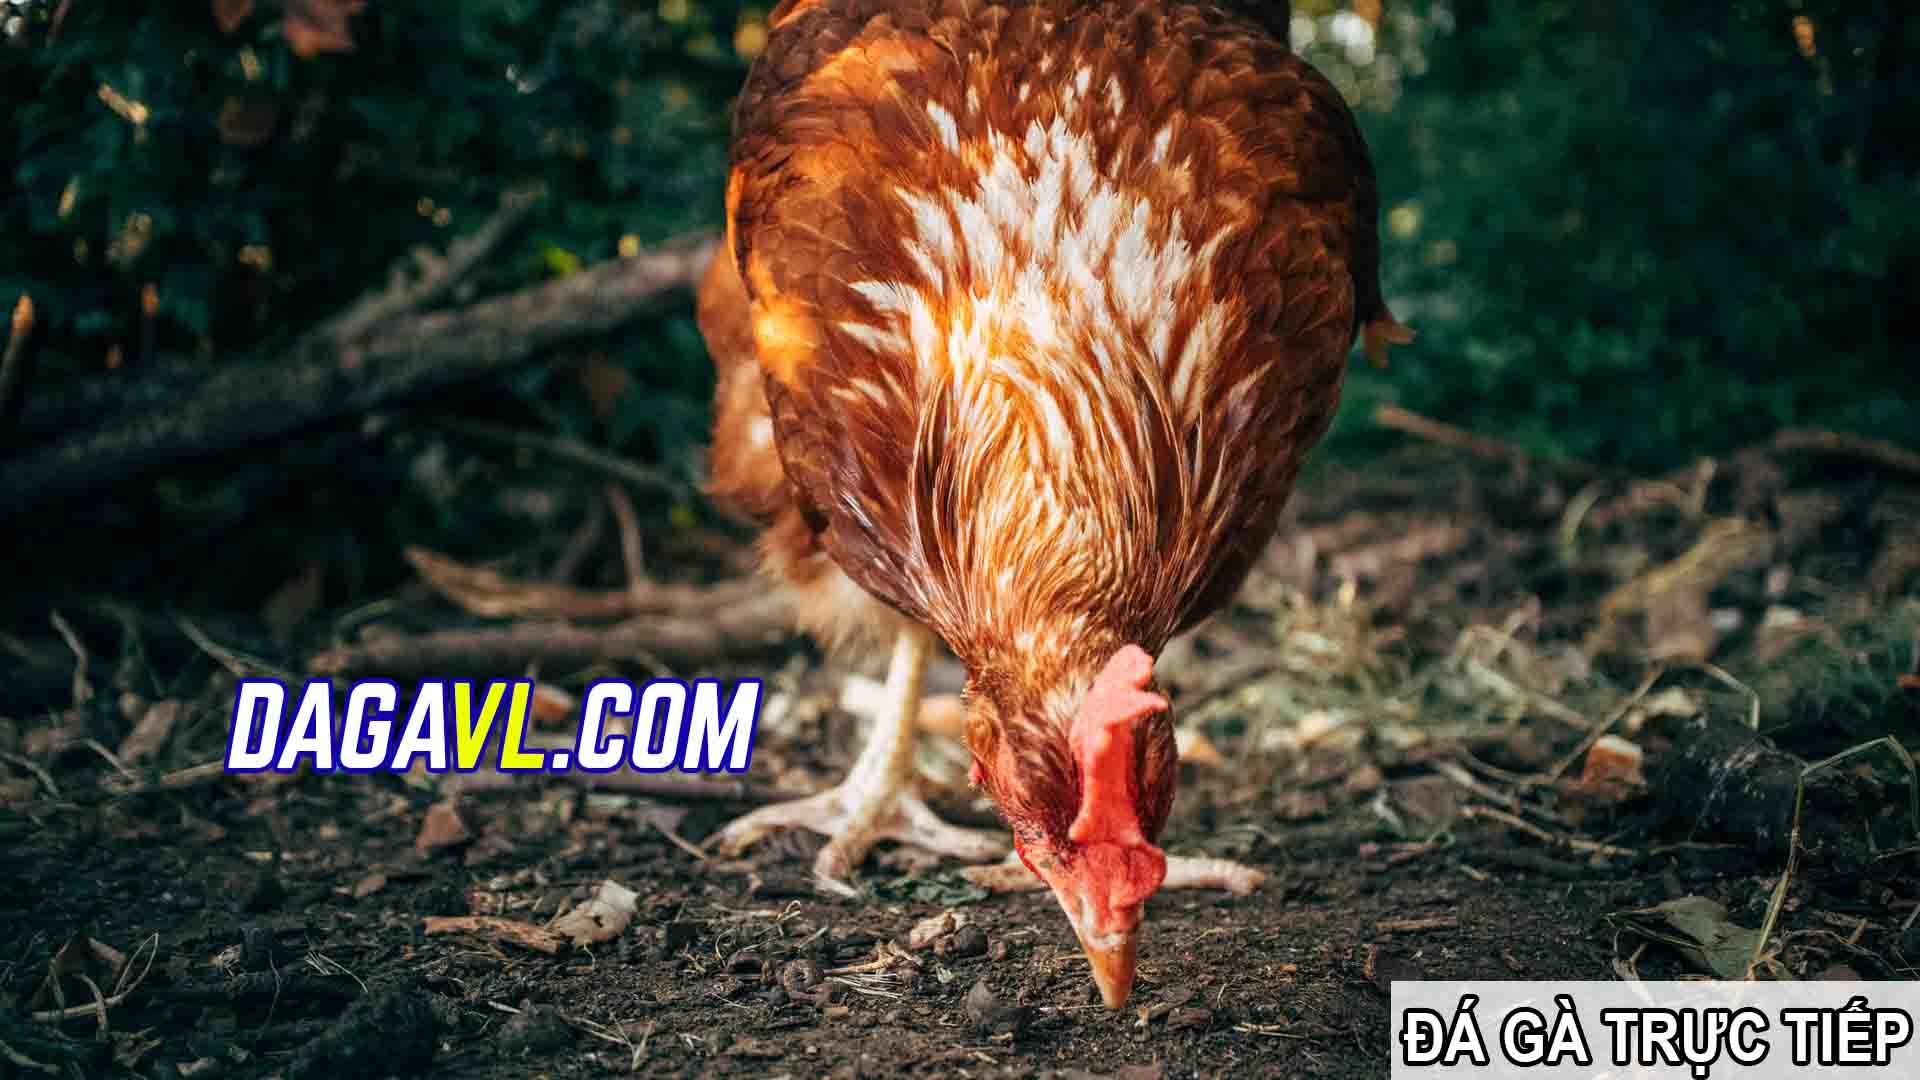 DAGAVL.COM - đá gà trực tiếp. Chú gà đá giá 2000 đô hay nhất